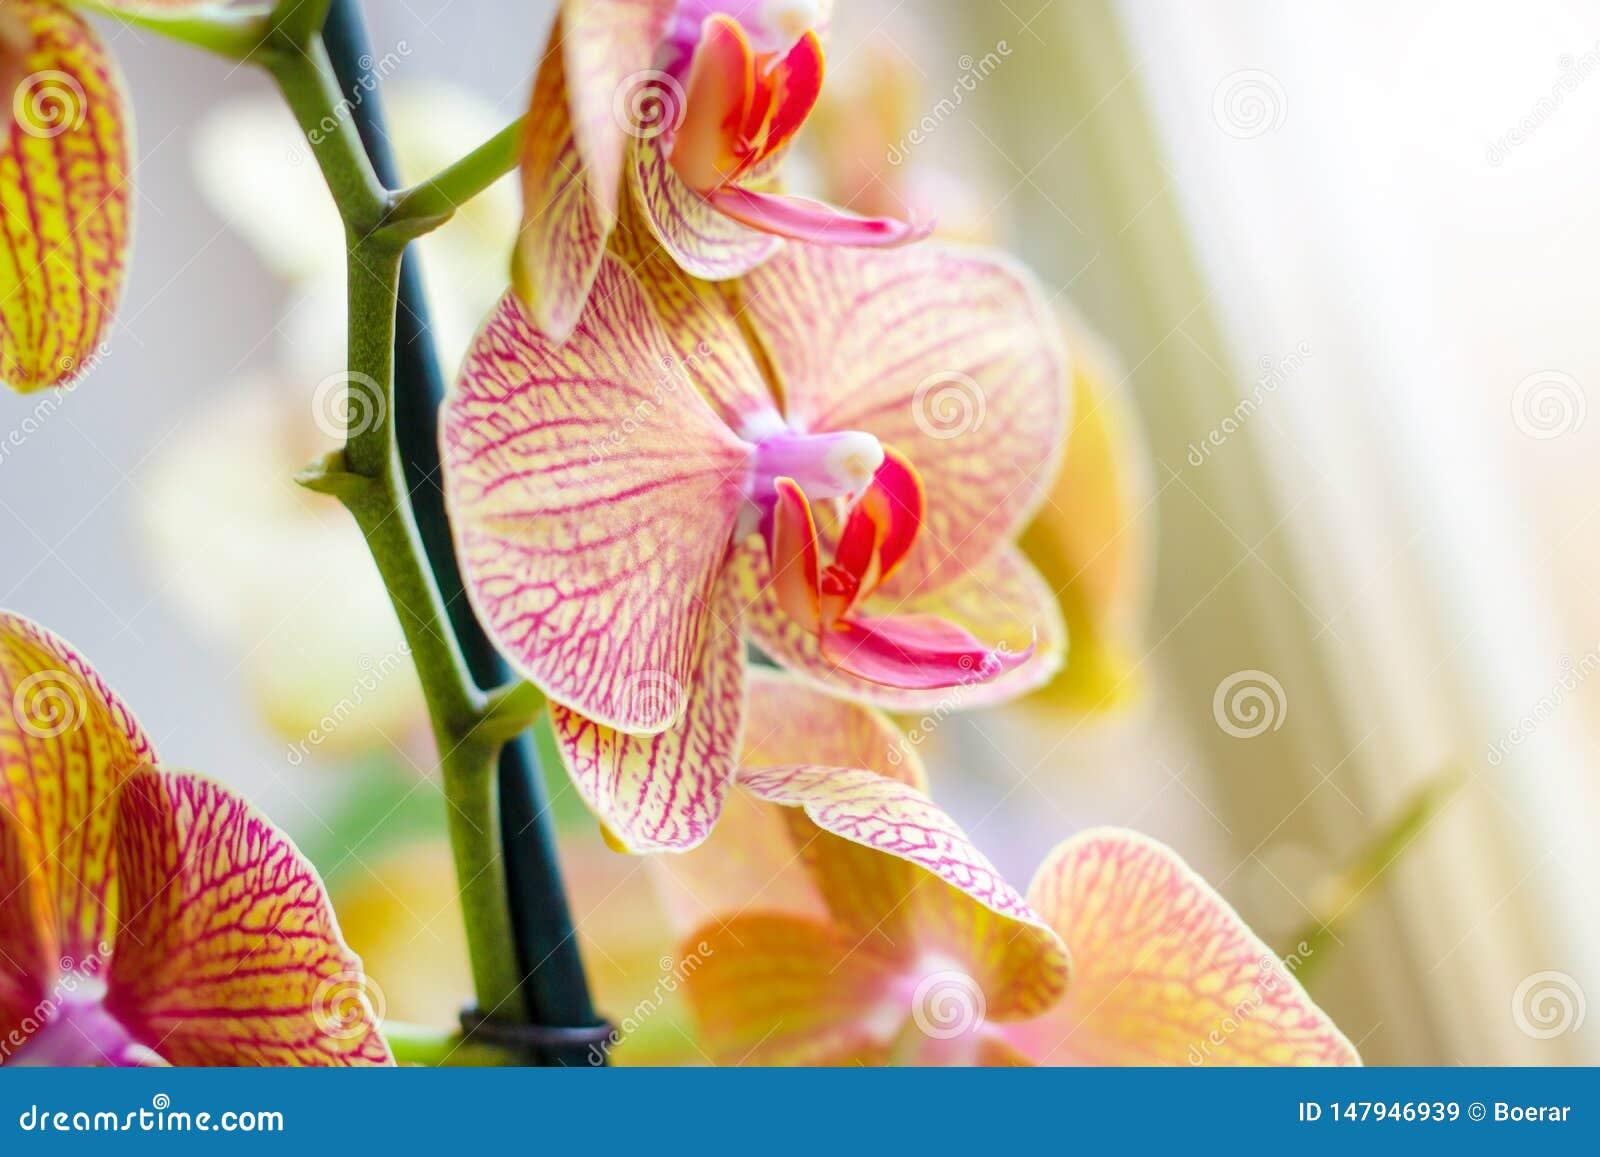 Ο όμορφος τροπικός εξωτικός κλάδος με τη ρόδινη και κίτρινη ορχιδέα Phalaenopsis σκώρων ανθίζει την άνοιξη